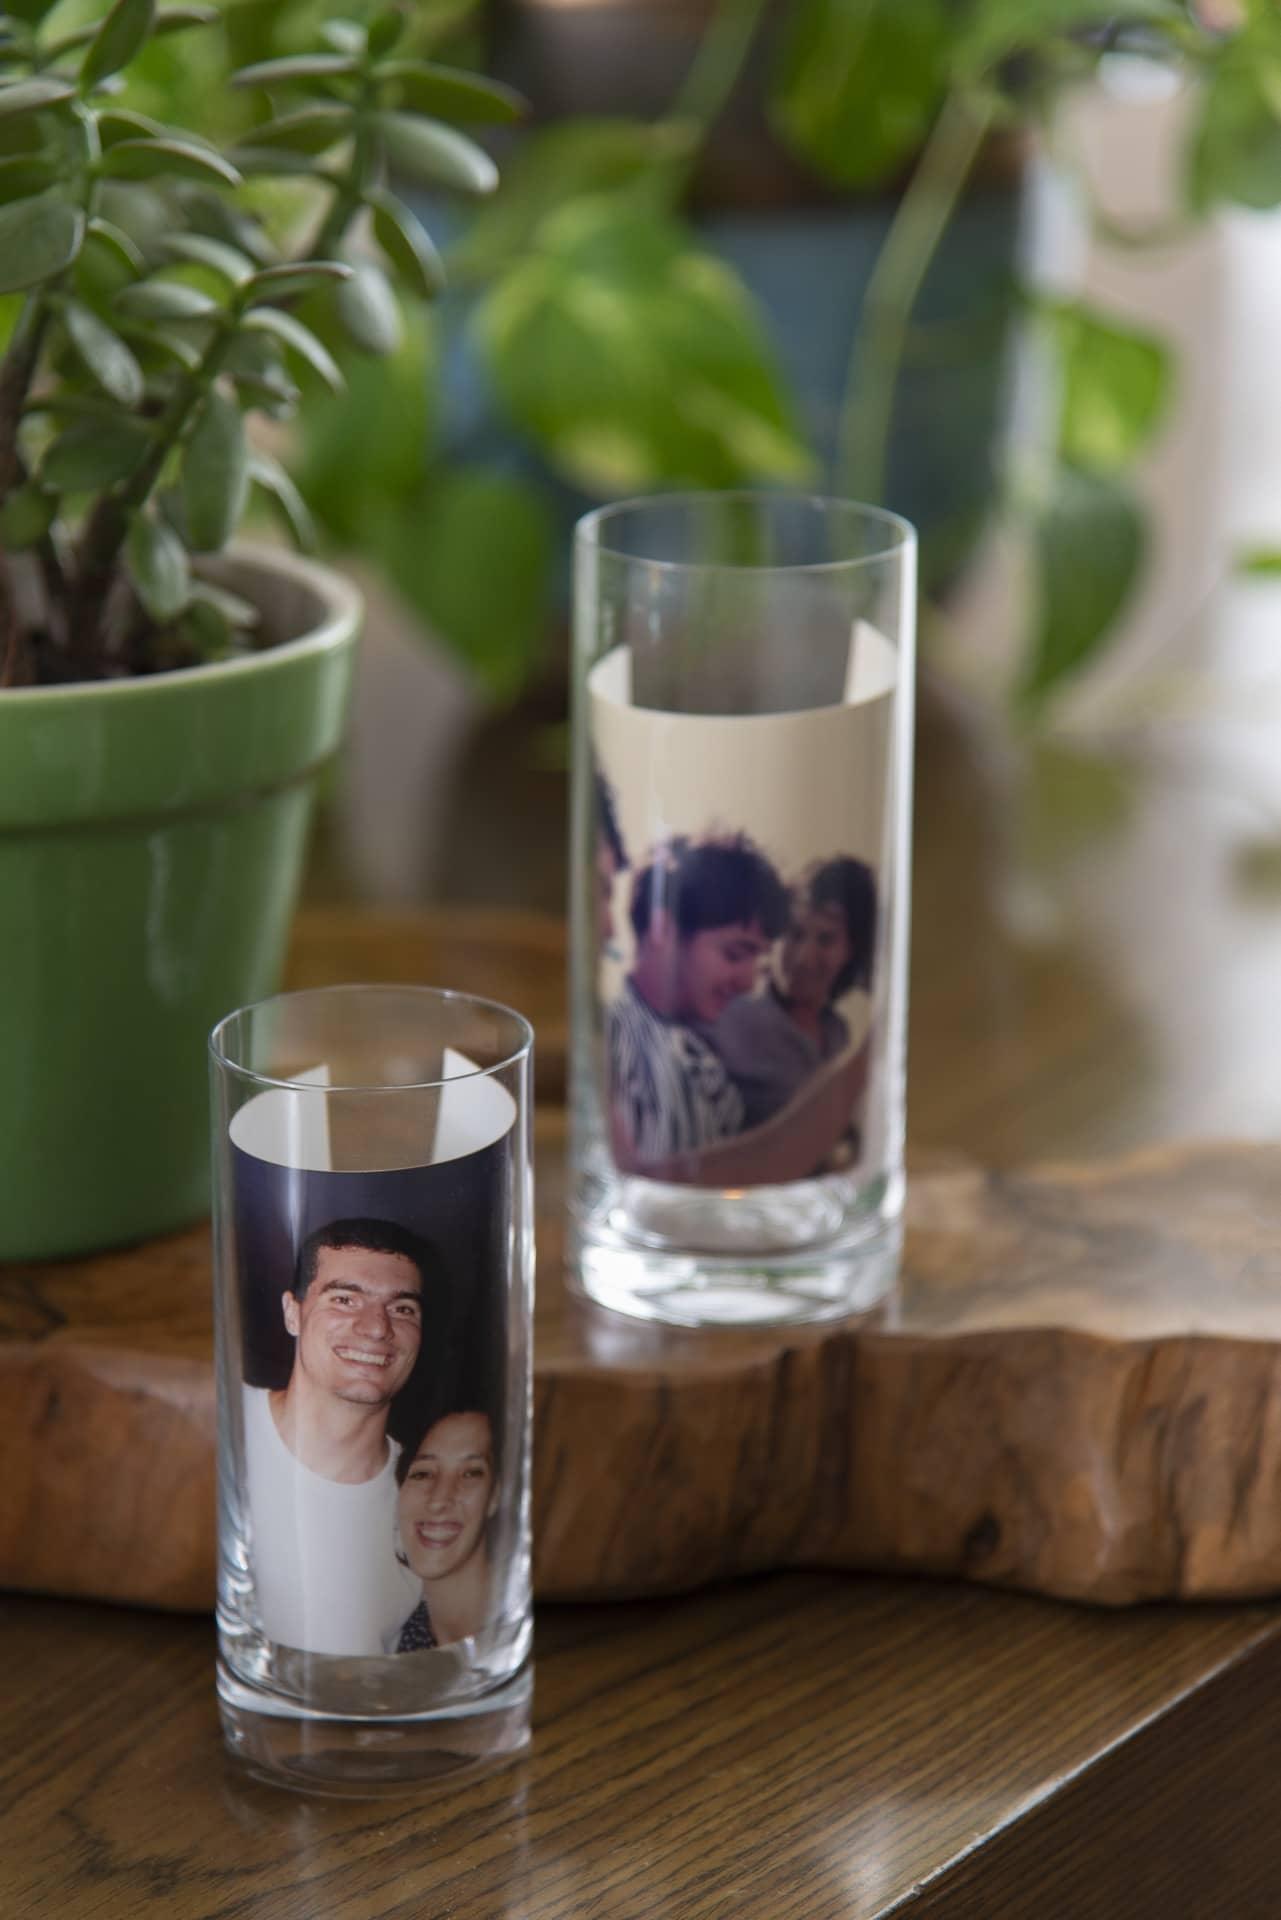 Imagem: Copos long drink, com fotos do casal dentro, viram porta-retratos inusitados. Aqui, os copos long drink são do modelo Flat da Oxford Alumina Crystal. Foto: Cacá Bratke